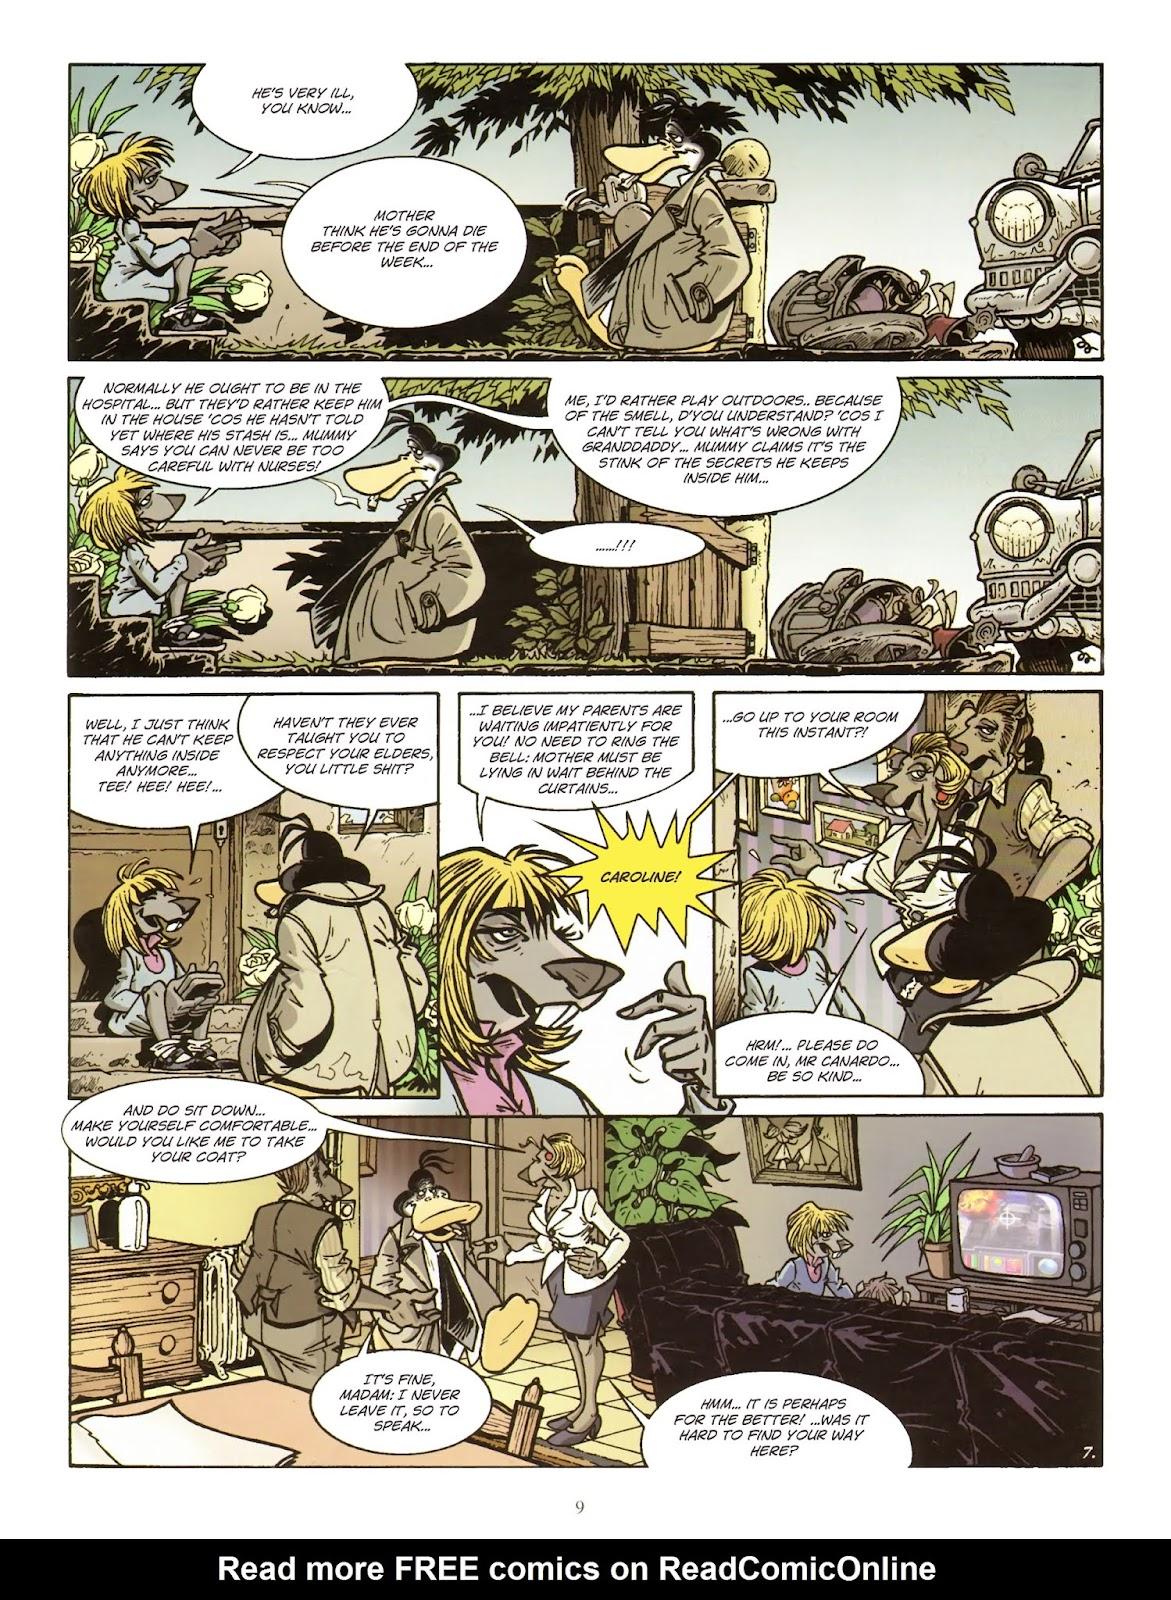 Une enquête de l'inspecteur Canardo issue 11 - Page 10